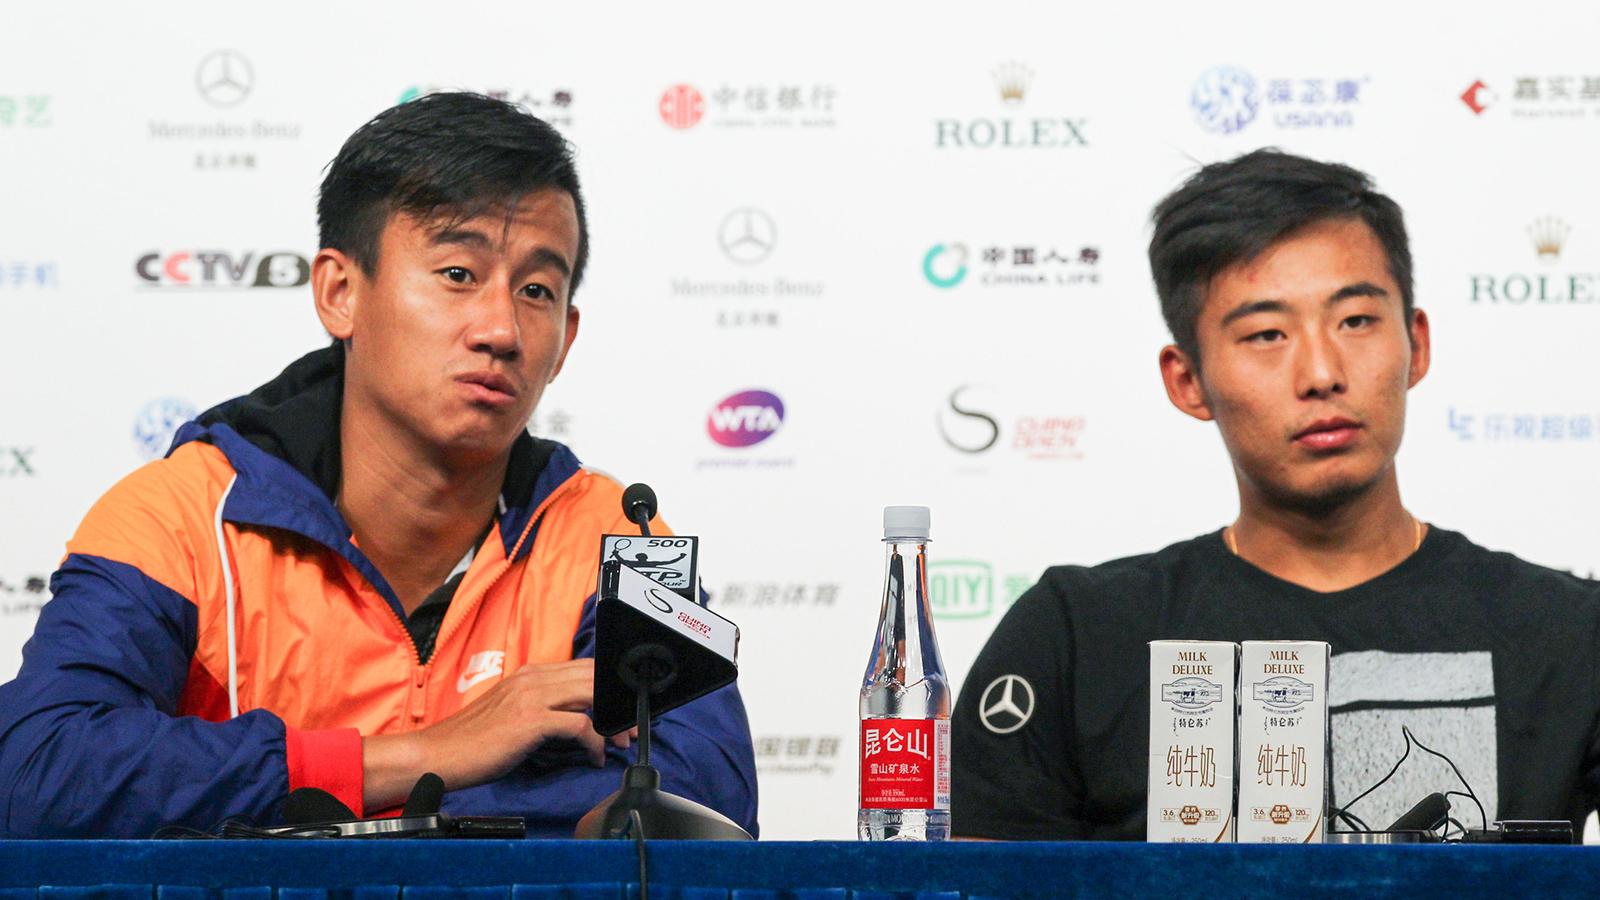 2016中国网球公开赛纳达尔_组图中国网球公开赛揭幕纳达尔莫亚结伴训练